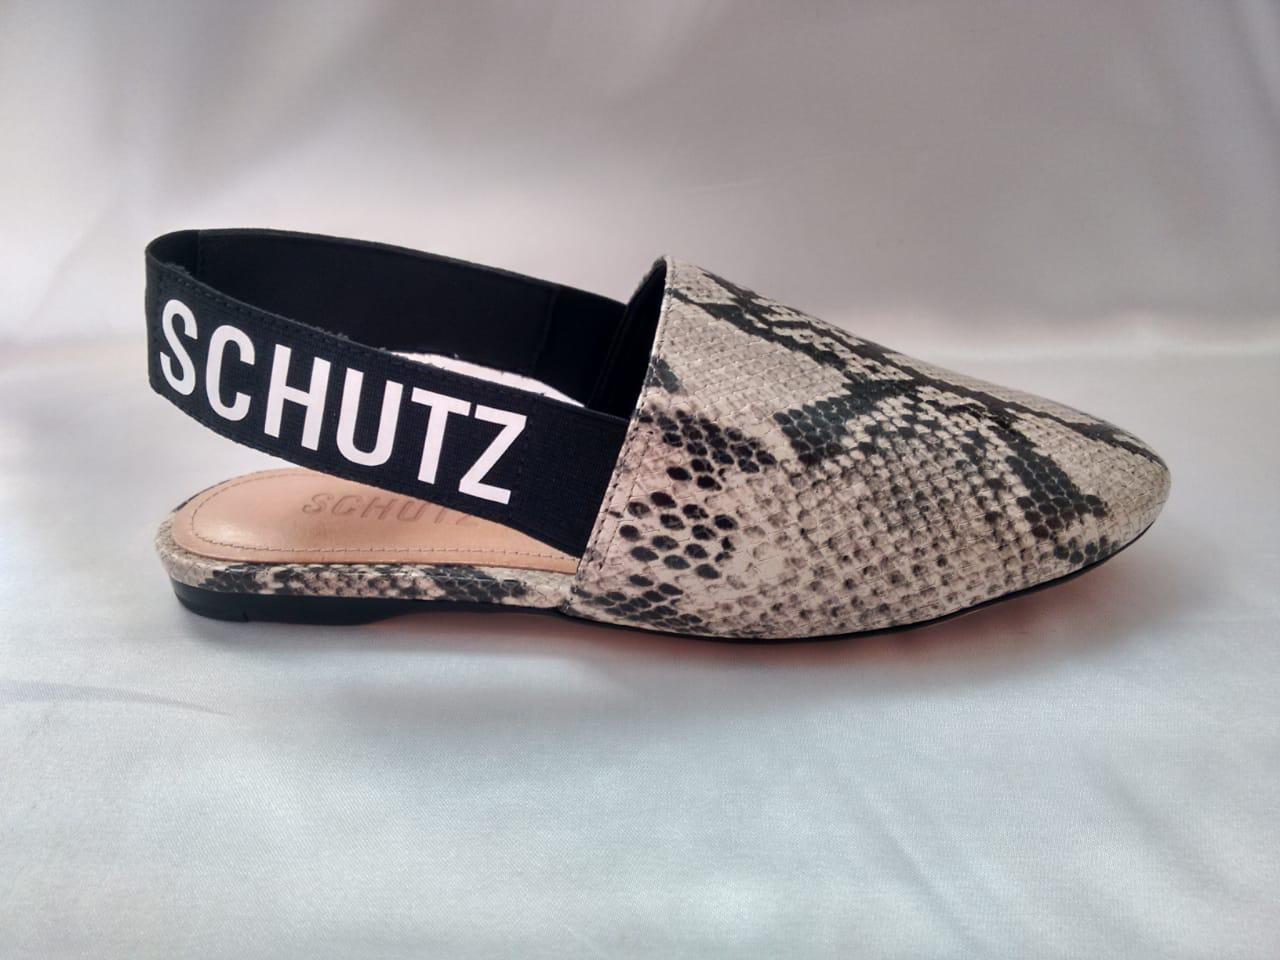 Chanel Schutz